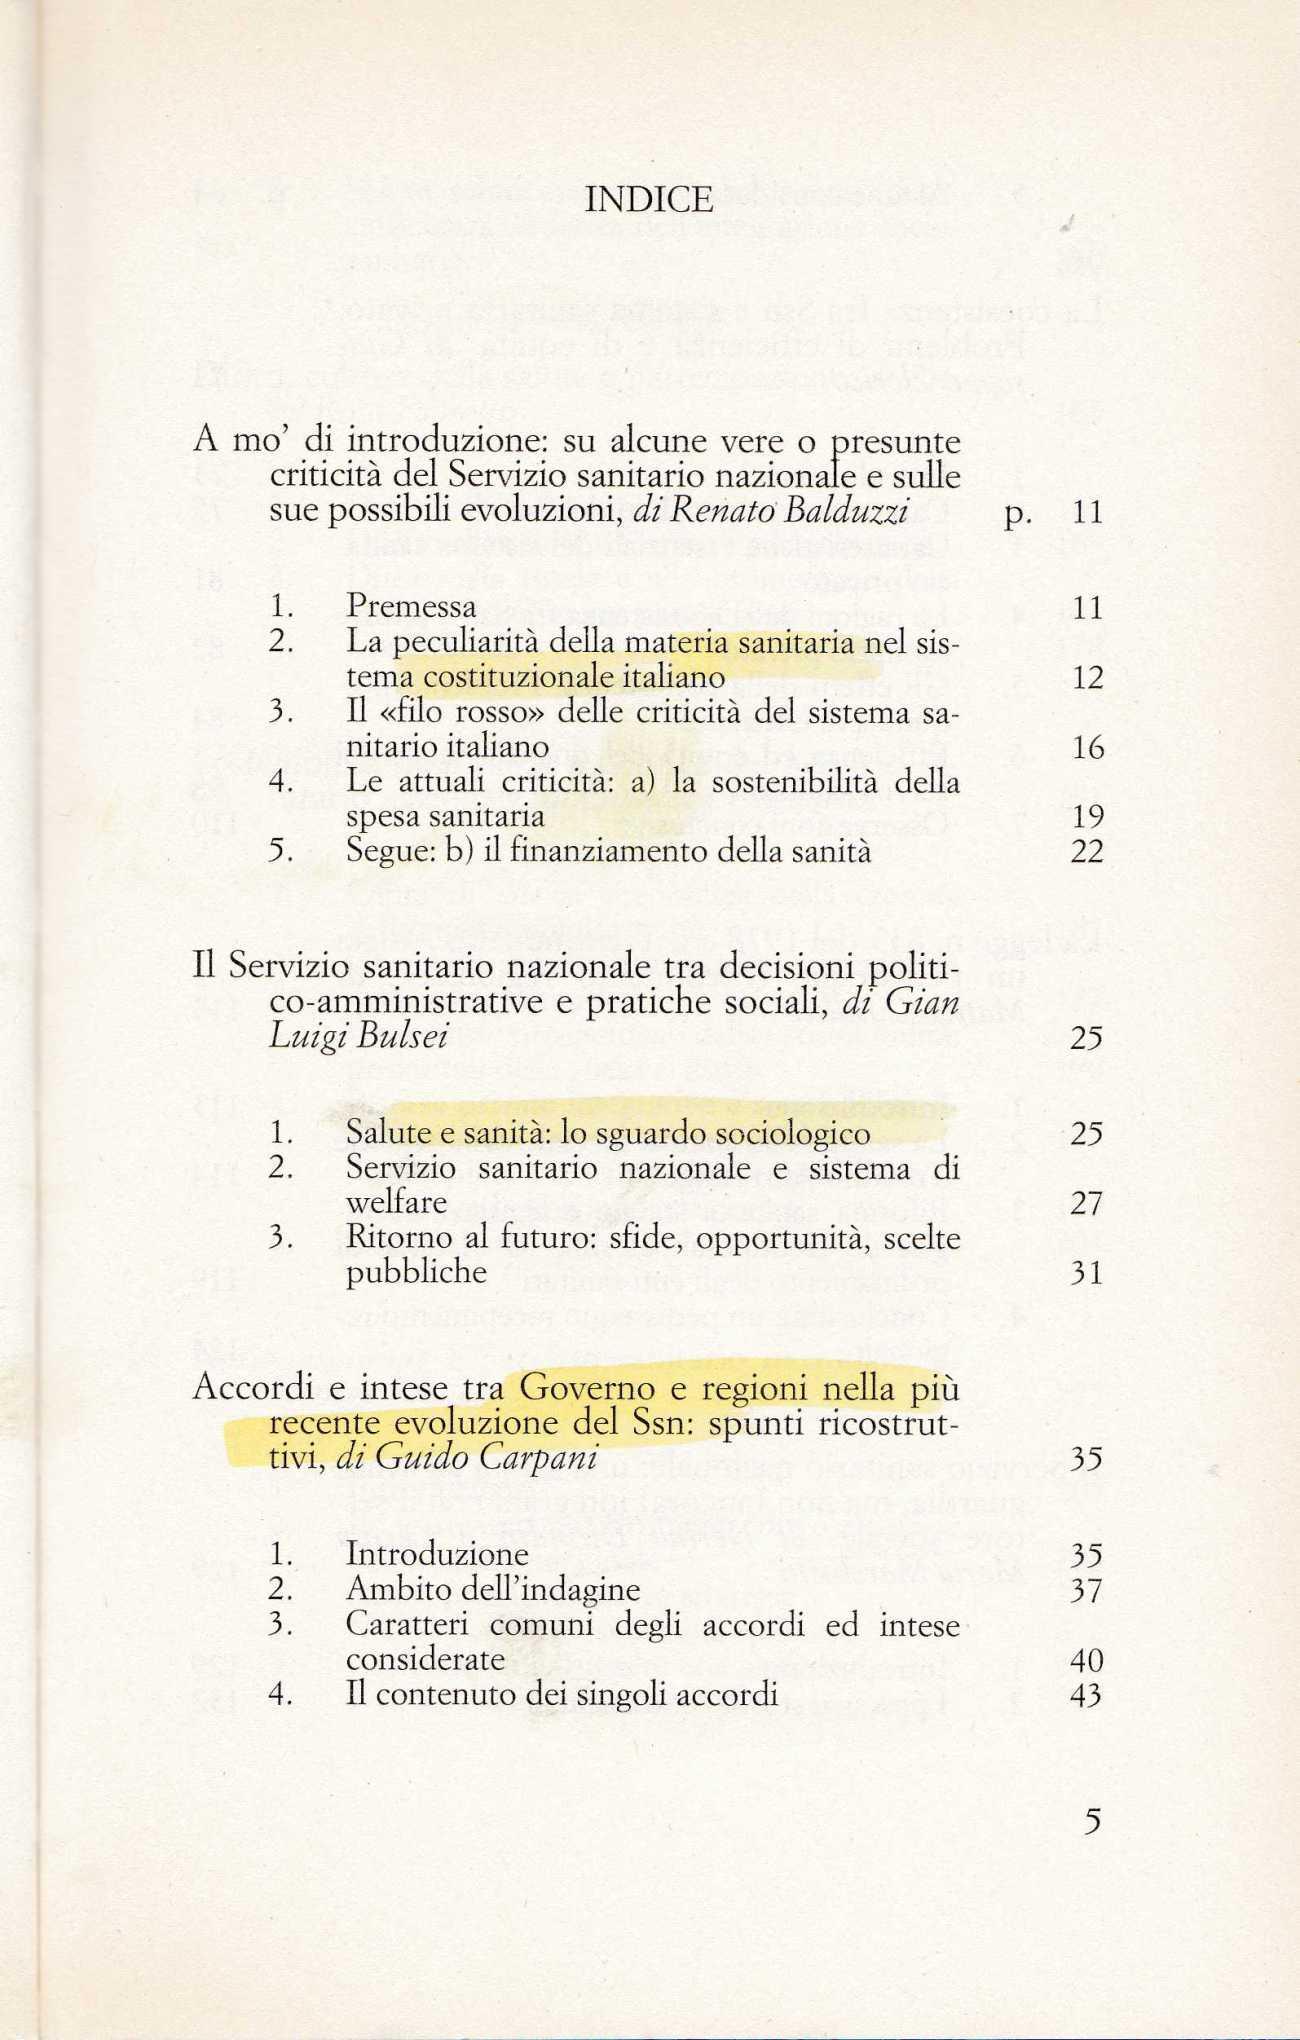 balduzzi1463